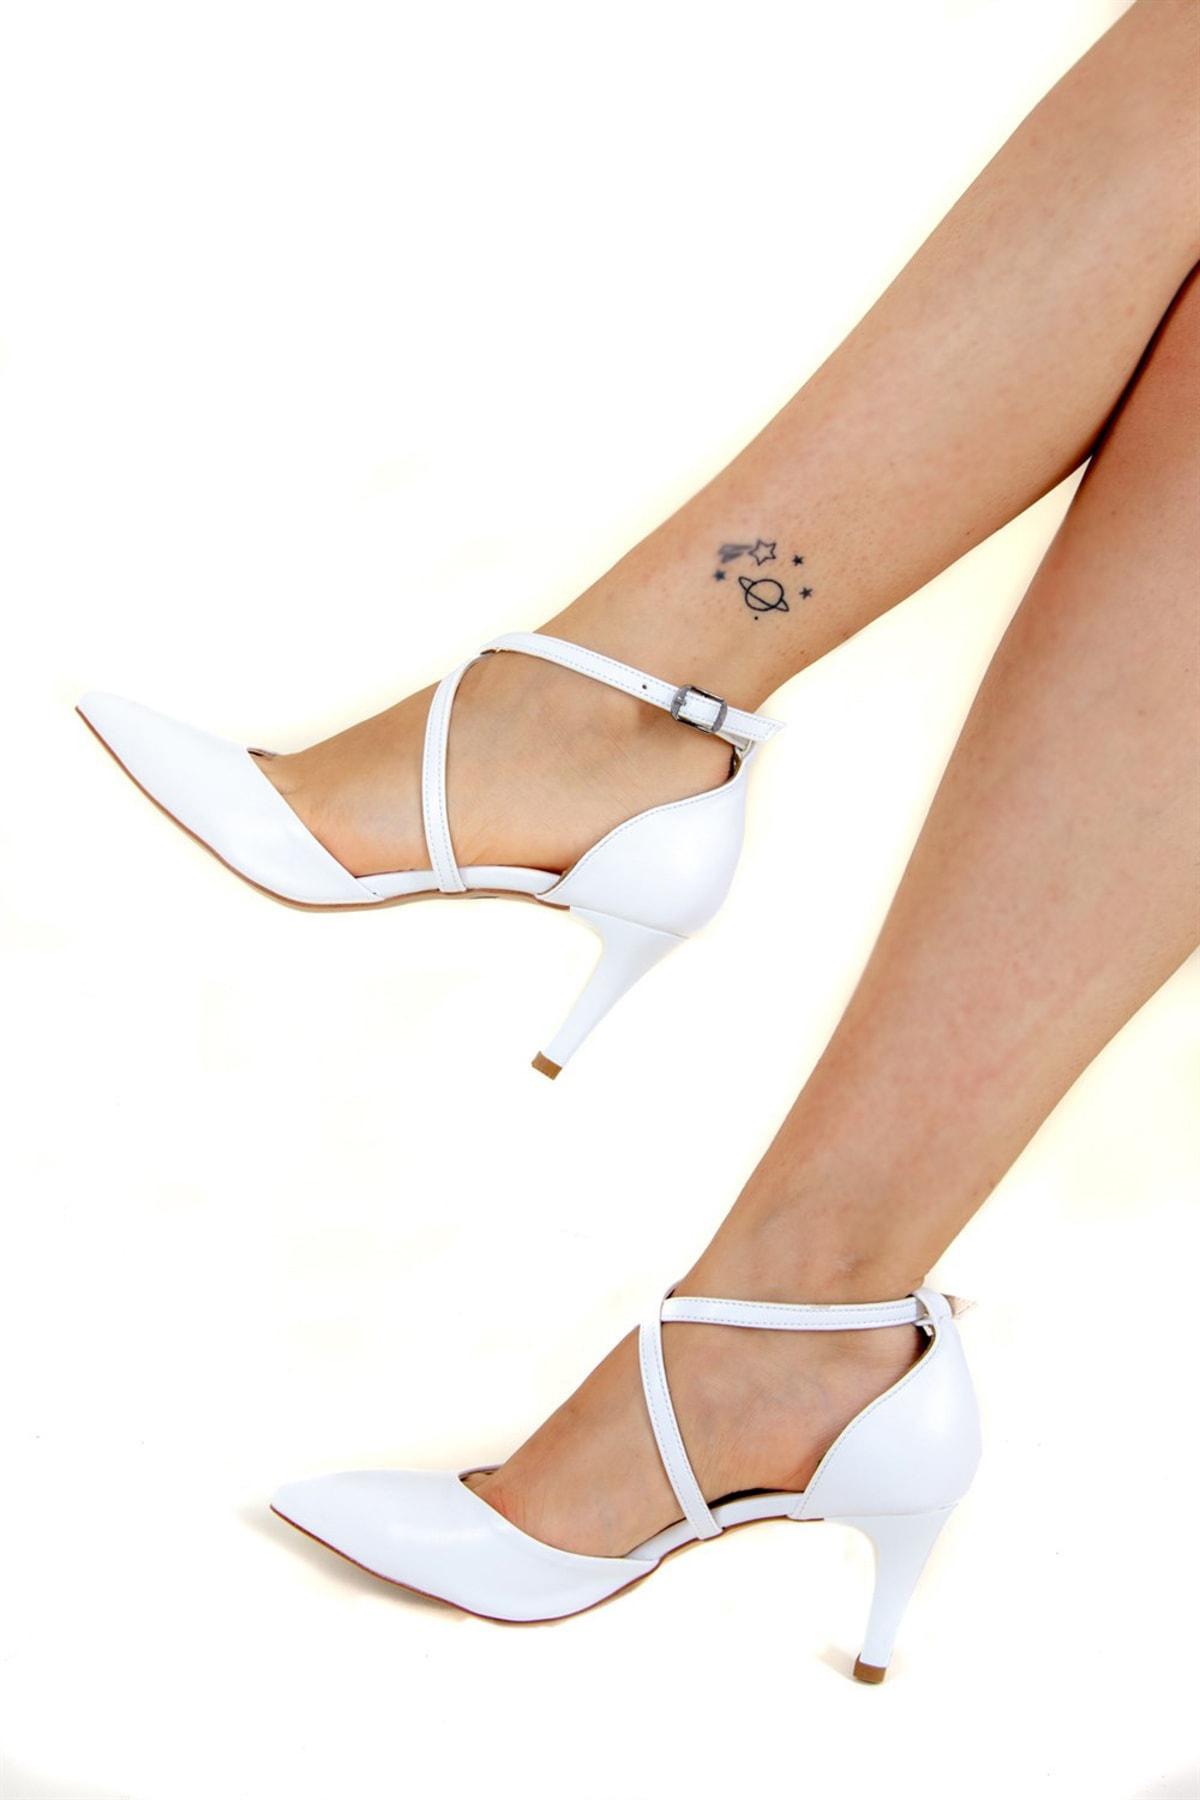 Fox Shoes Beyaz Kadın Topuklu Ayakkabı D654054809 1